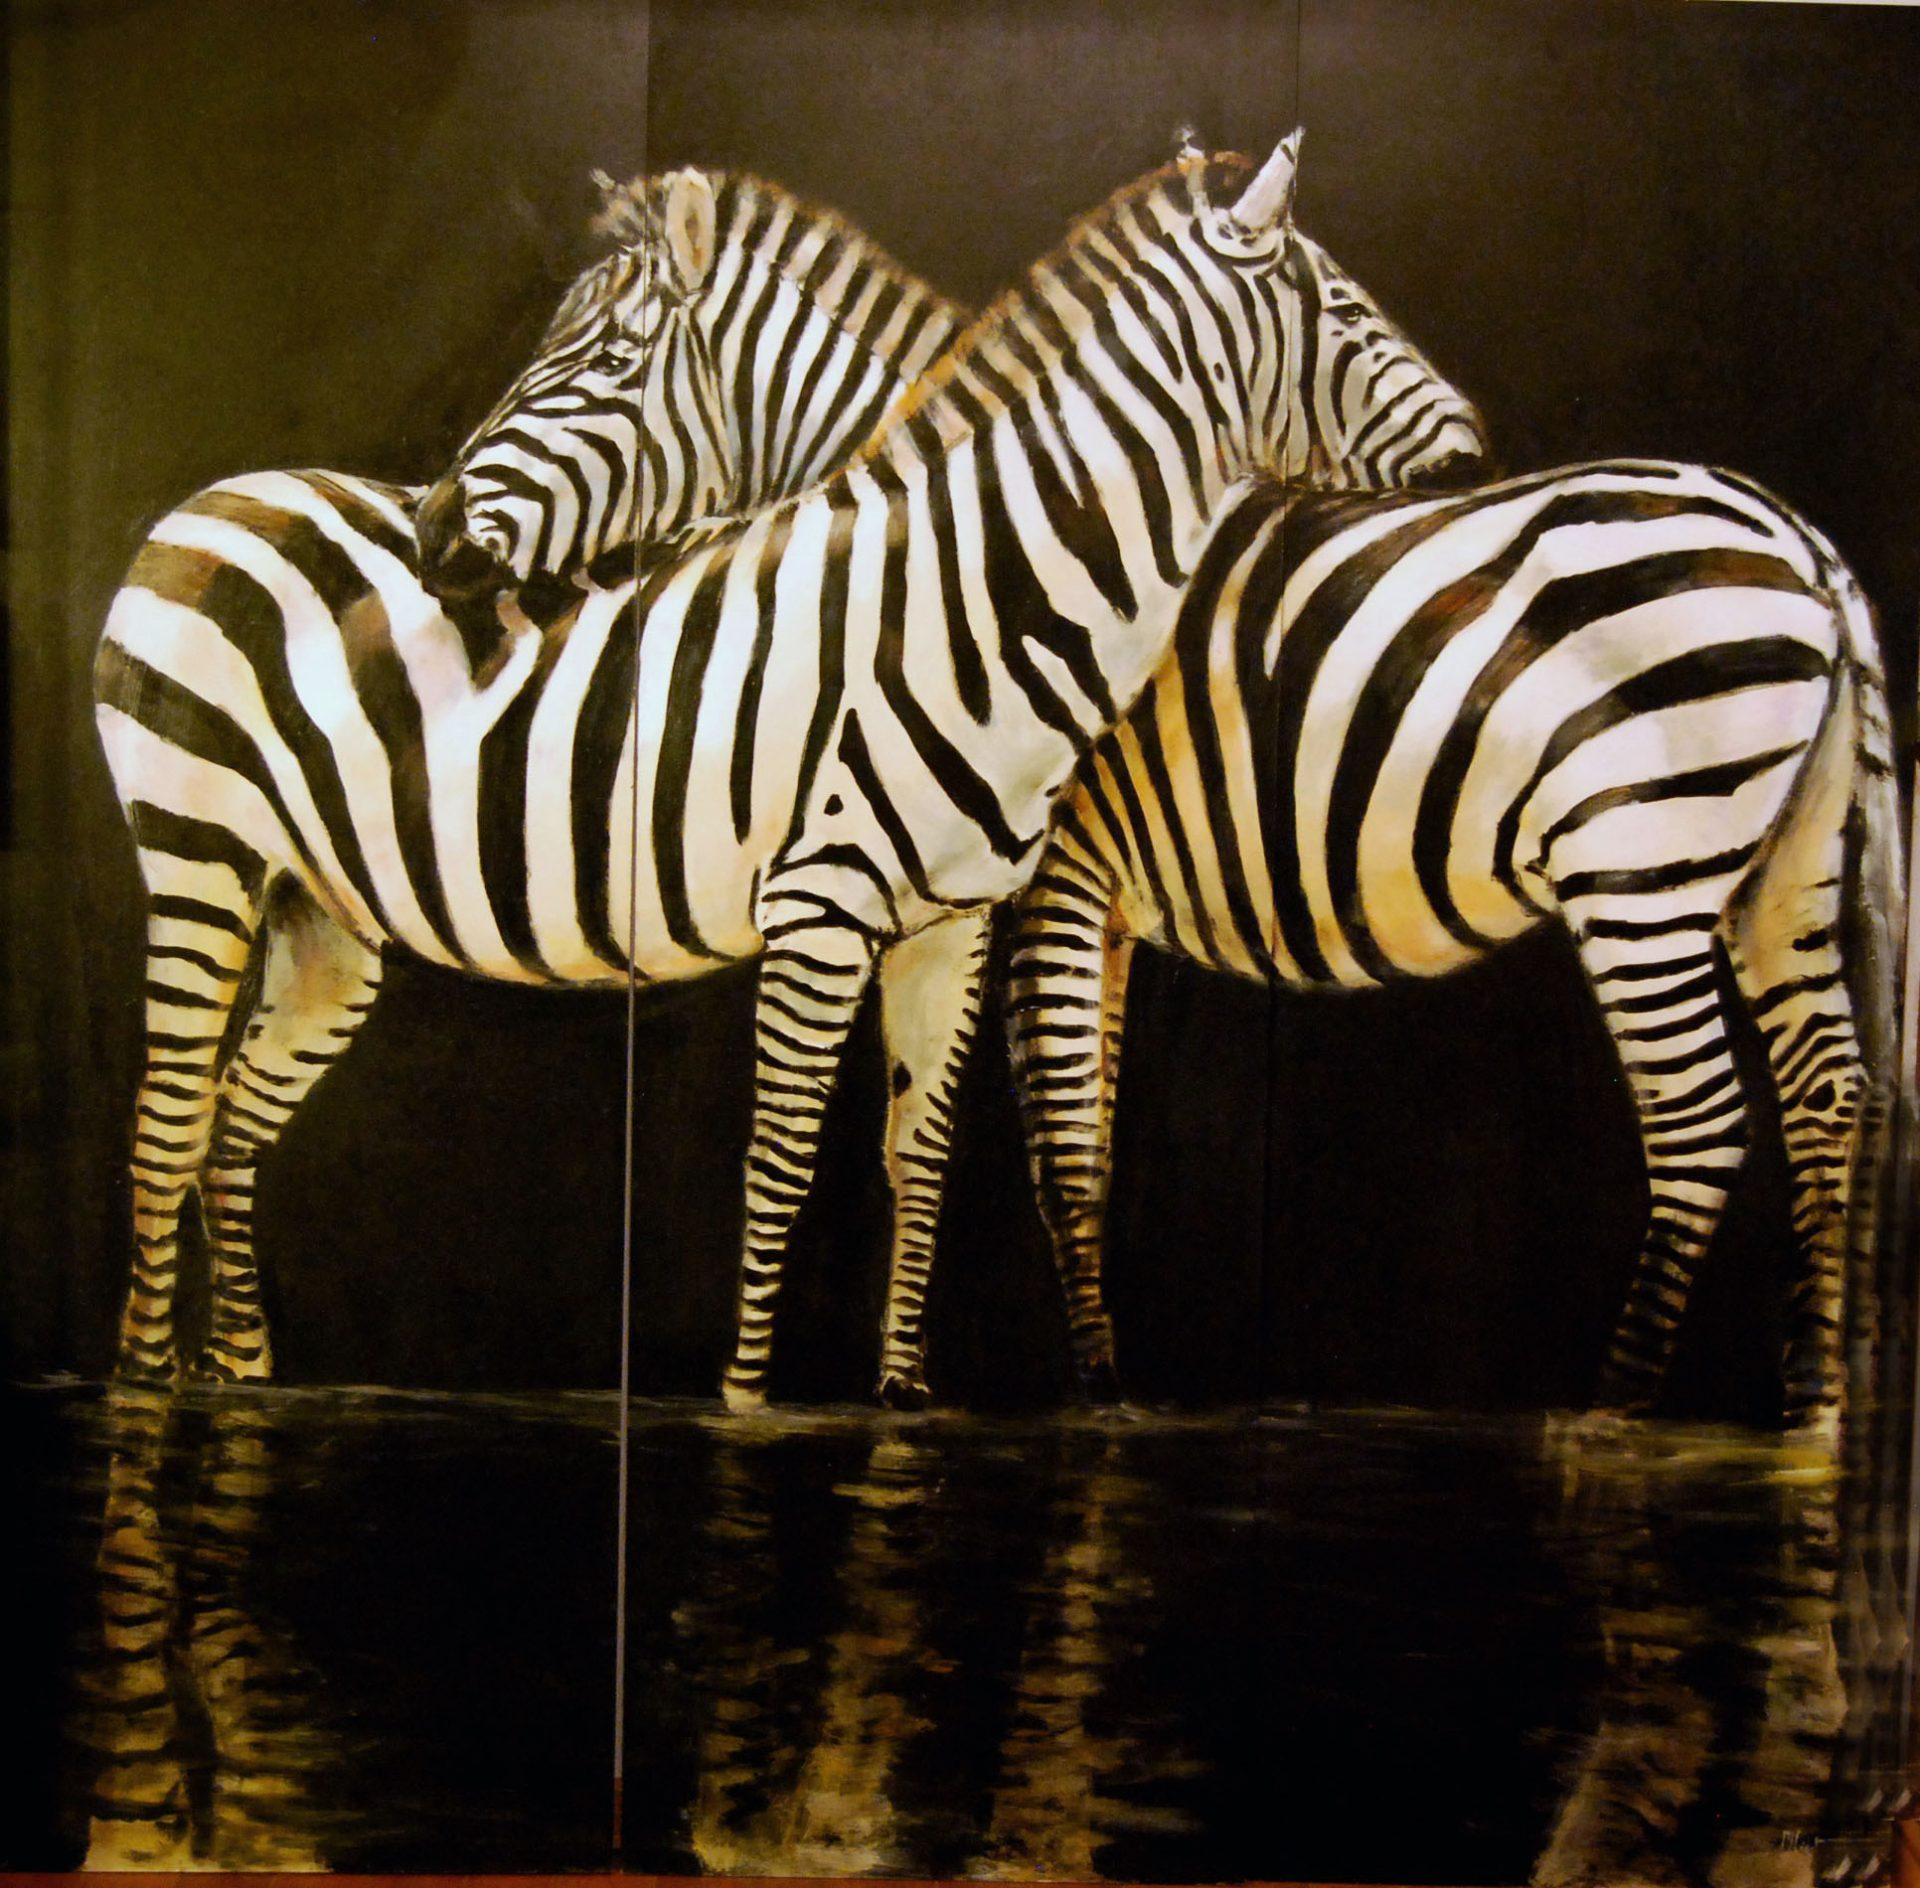 paravent 1 recto – Acrylique sur toile de lin brut-Marie-Joëlle Cédat-artiste animalier peinture animaliere-art-animalier- peintre-animalier